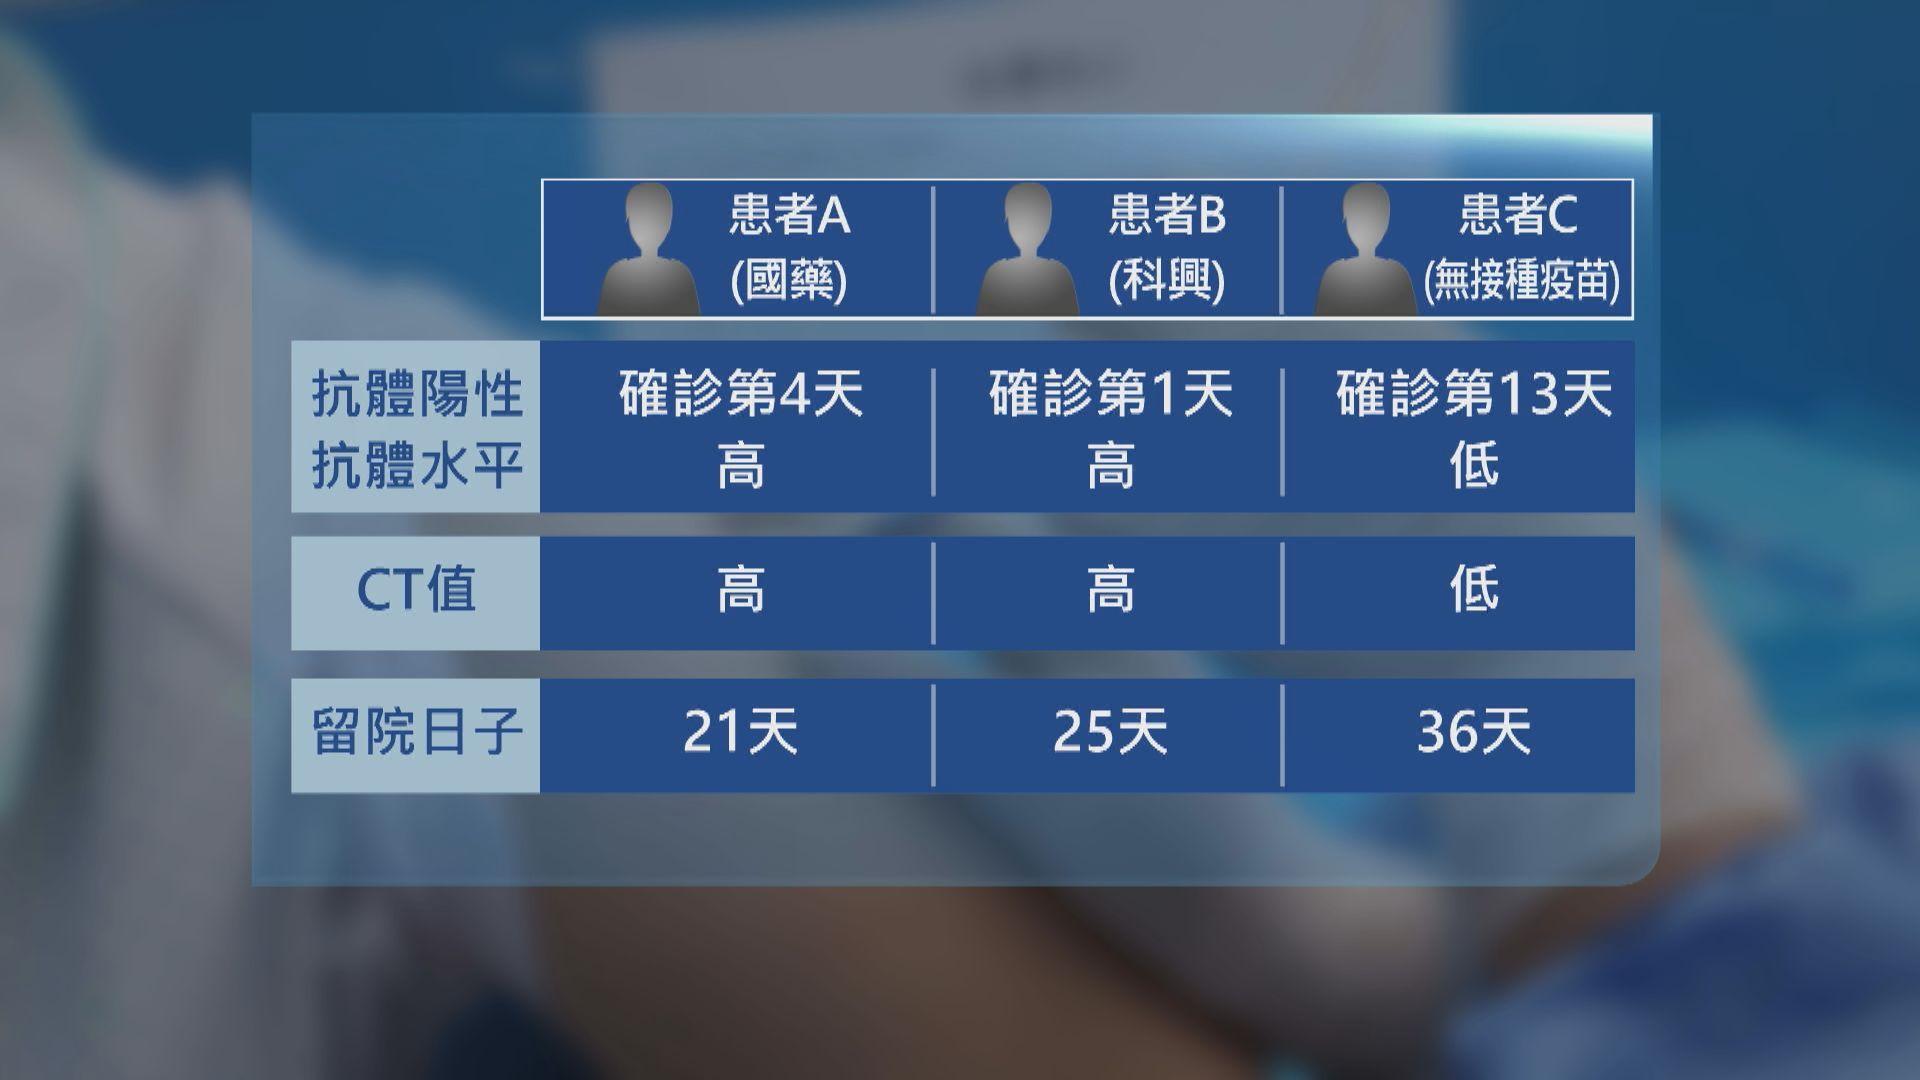 中國疾控中心:接種國產疫苗抗體水平較高 住院時間少